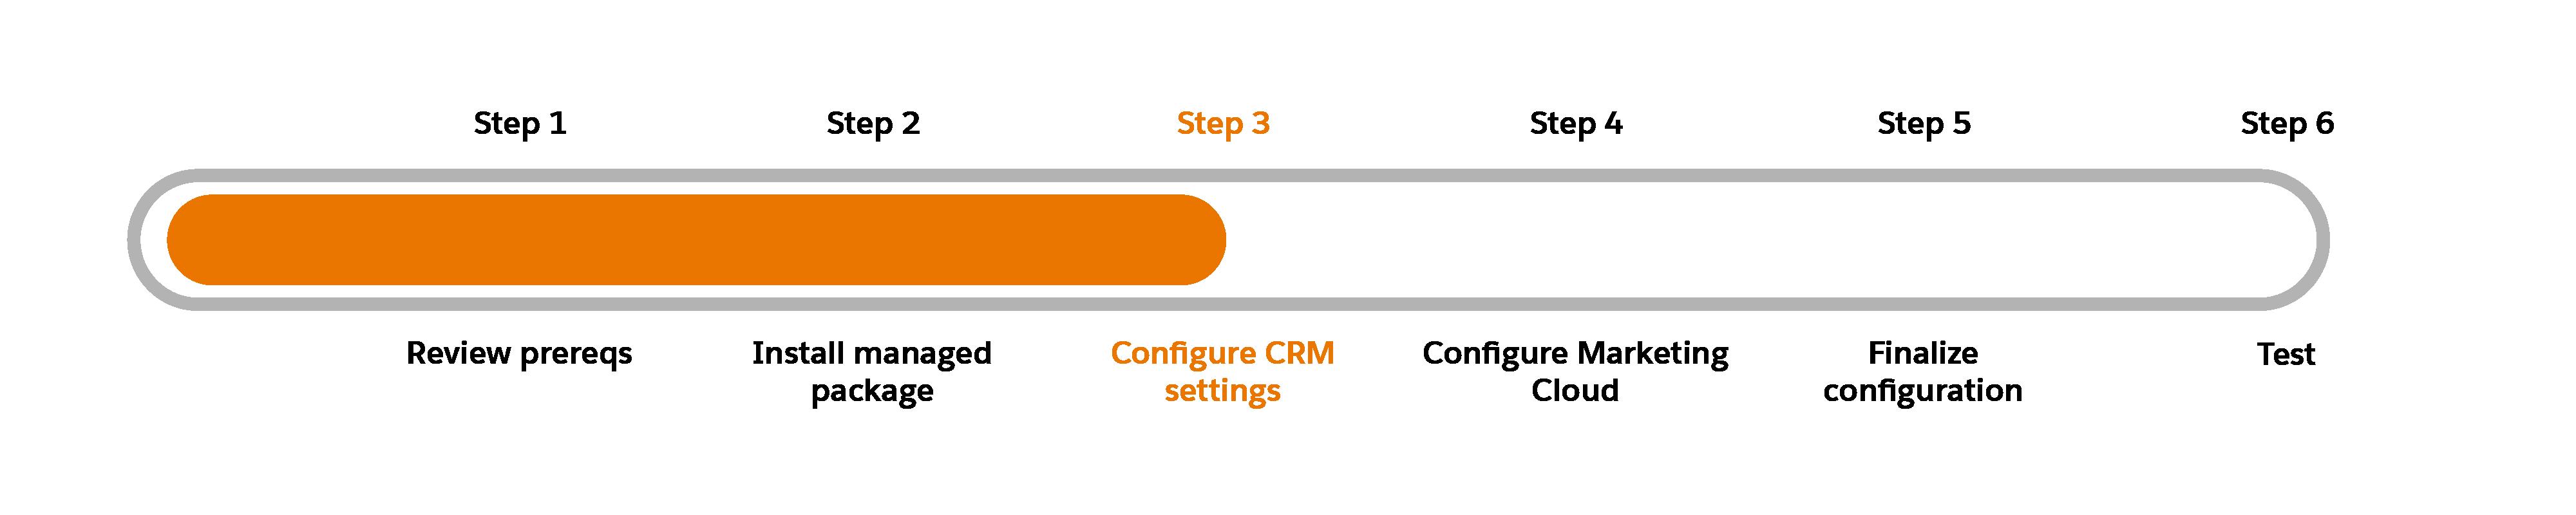 「ステップ 3: CRM 設定を構成する」が強調表示されている進行状況チャート